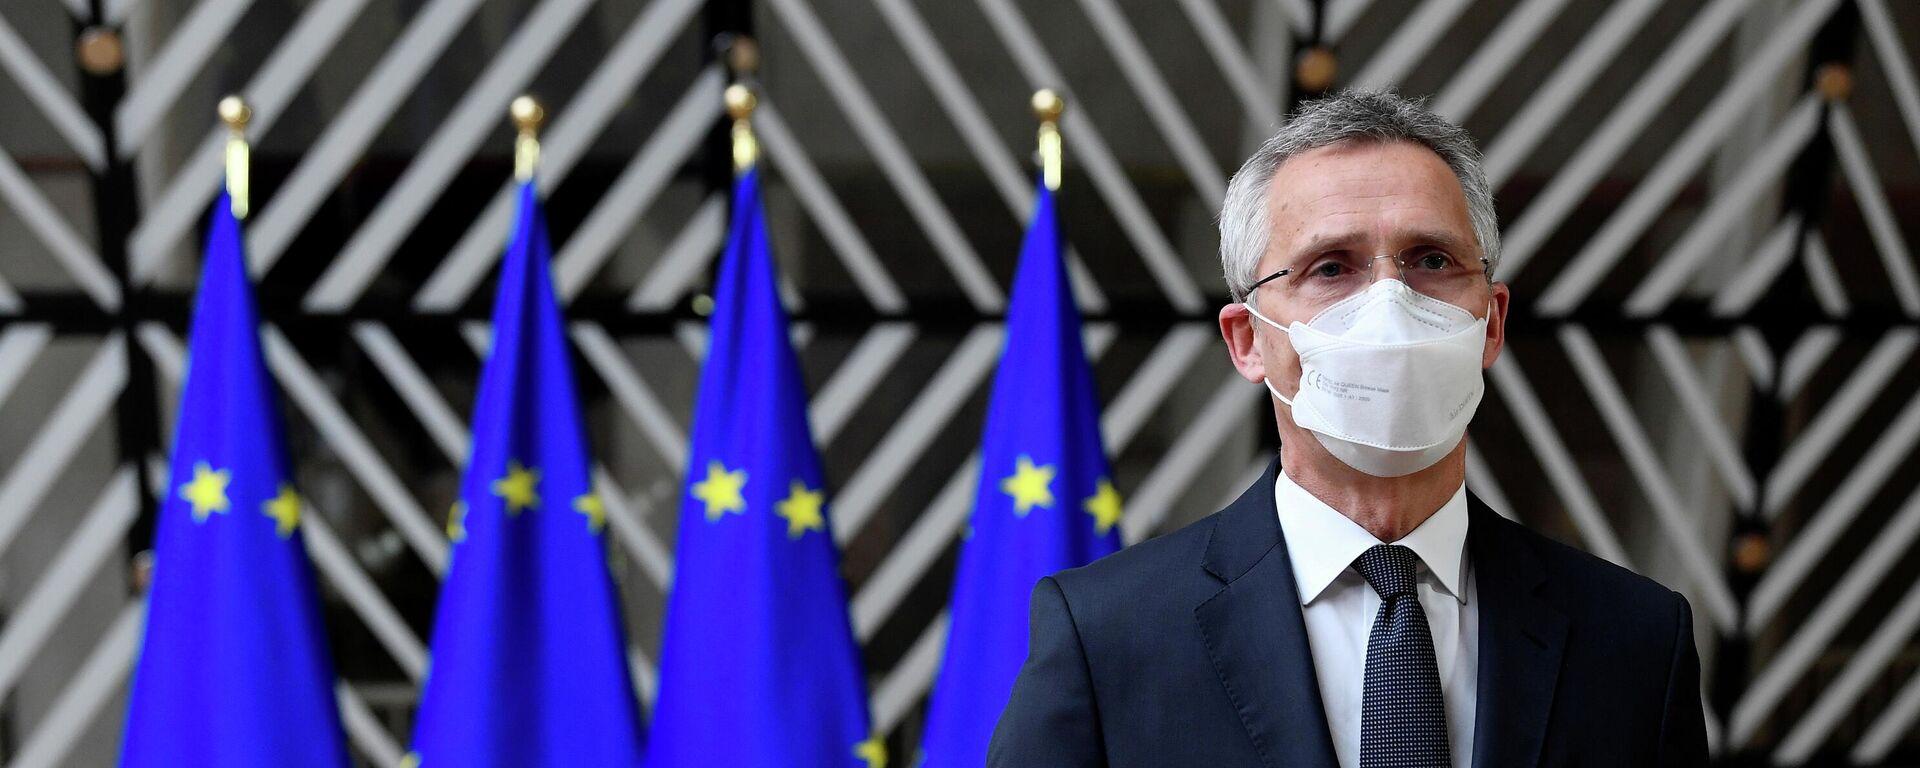 Nato-Generalsekretär Jens Stoltenberg bei der Pressekonferenz nach dem Treffen mit den EU-Verteidigungsminister in Brüssel, 6. Mai 2021 - SNA, 1920, 31.05.2021